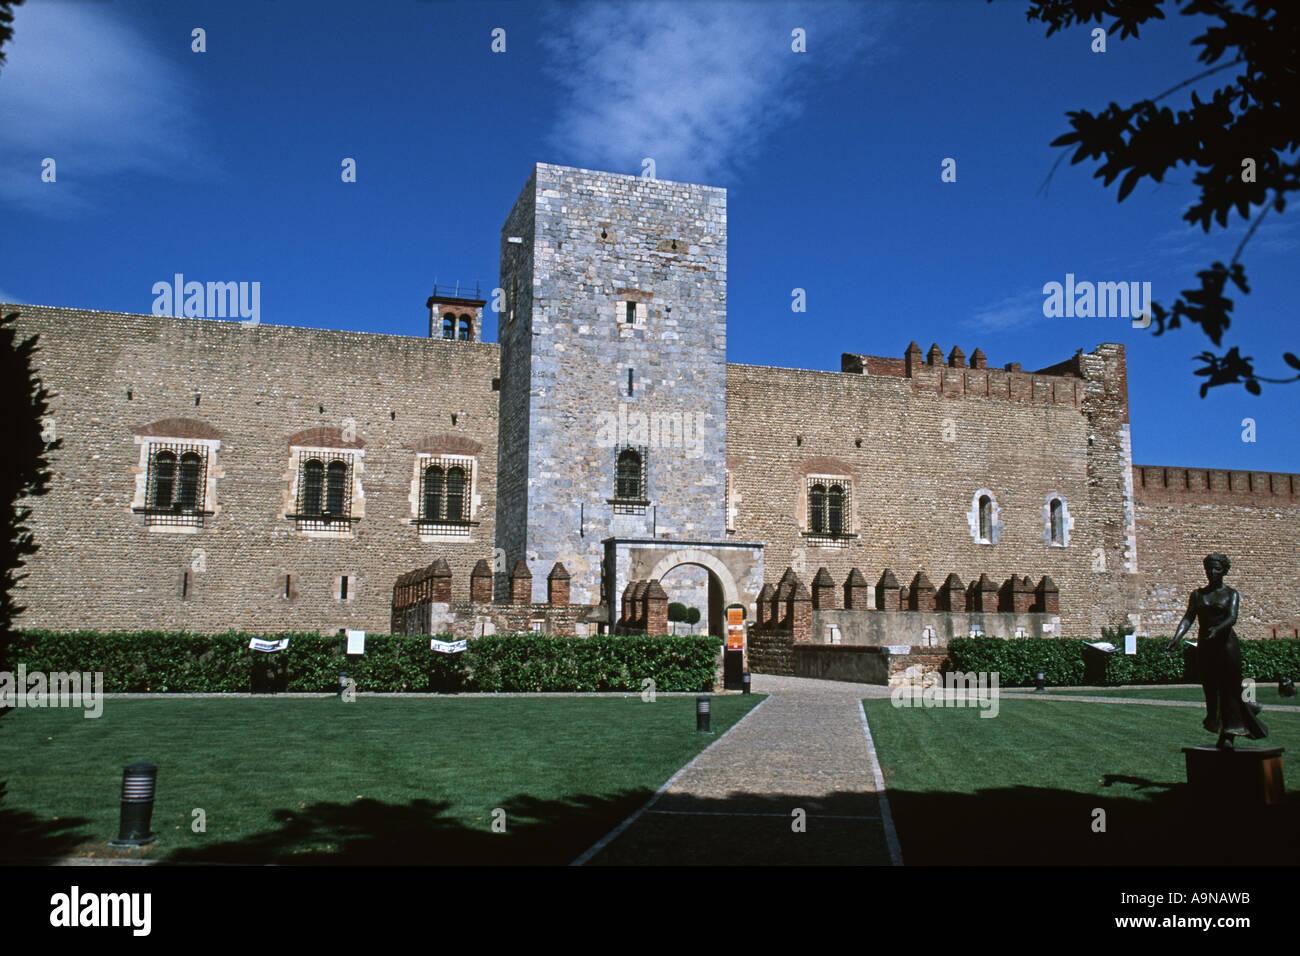 La Torre Del Homenaje En El Palacio De Los Reyes De Mallorca De